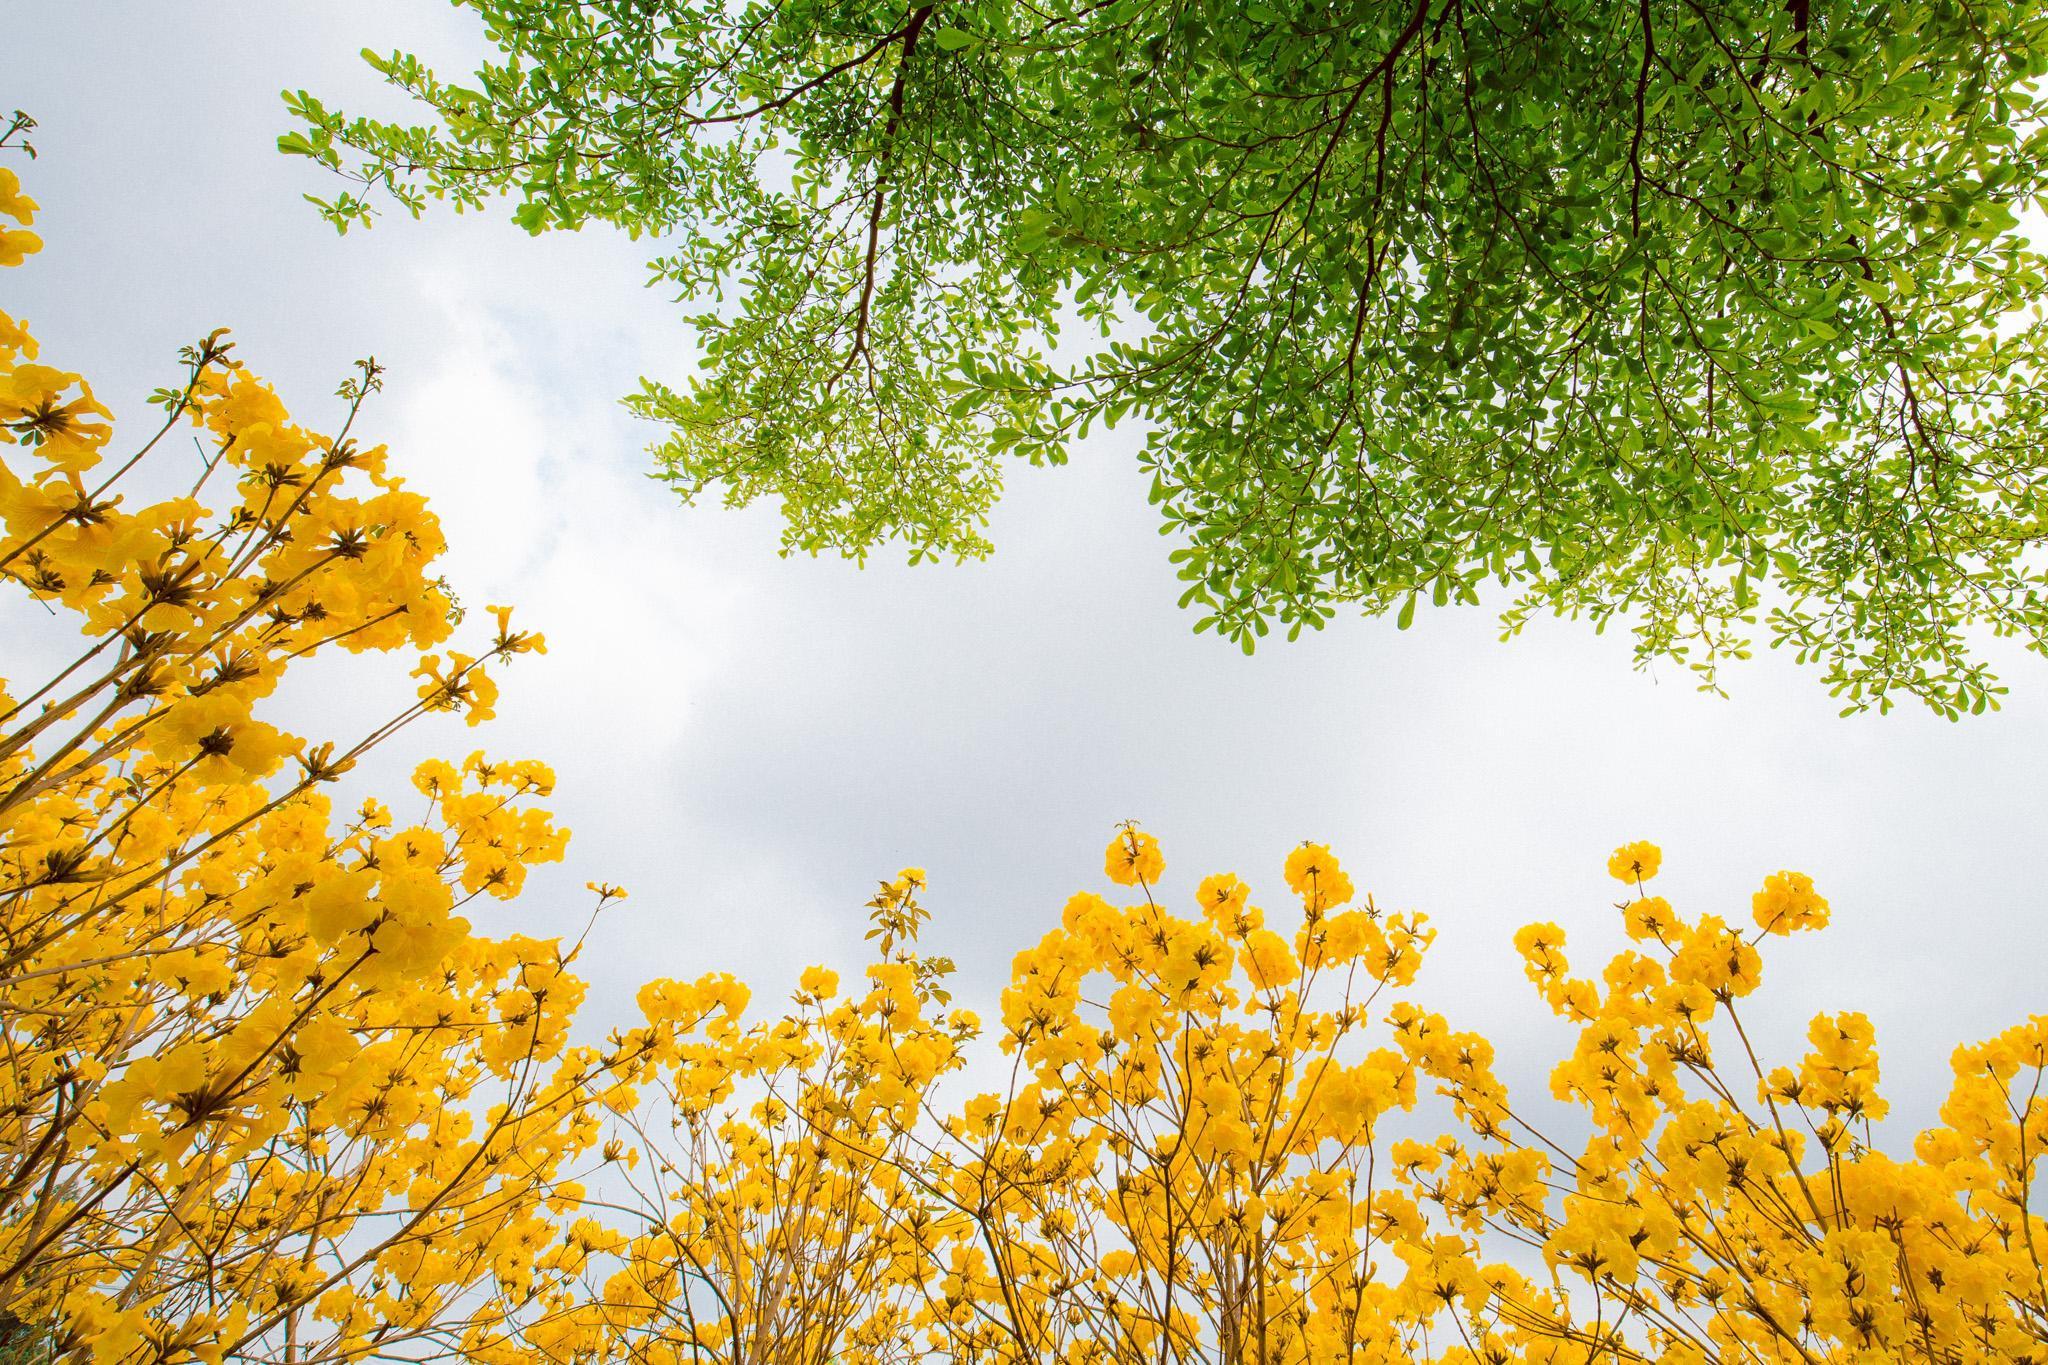 Vườn hoa phong linh nở sắc vàng rực rỡ đẹp tựa trời Âu ở Bắc Giang - Ảnh 5.